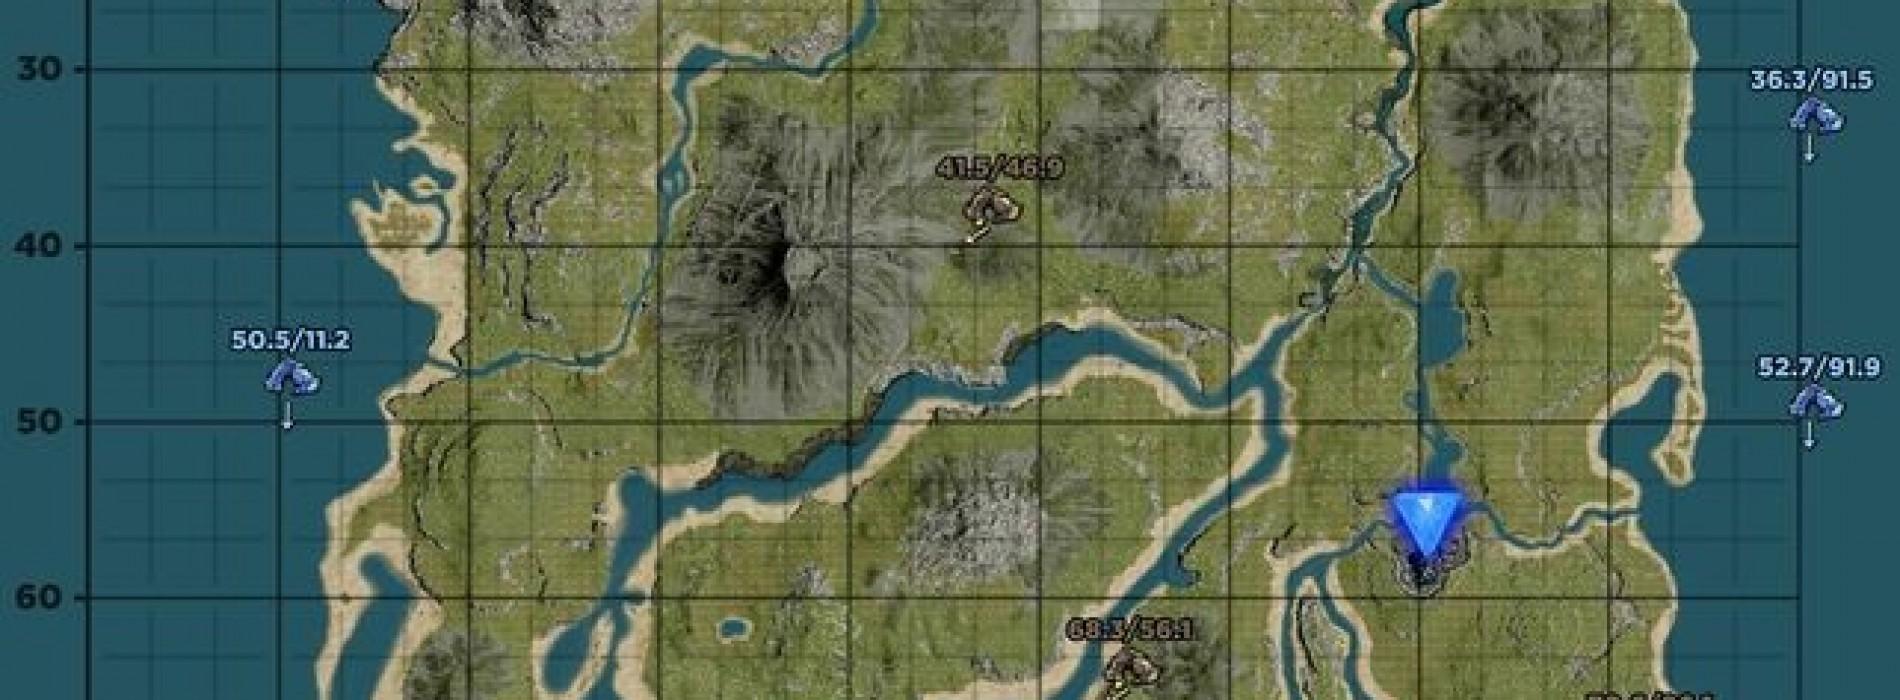 Нижняя Южная Пещера на карте. Координаты Lower South Cave